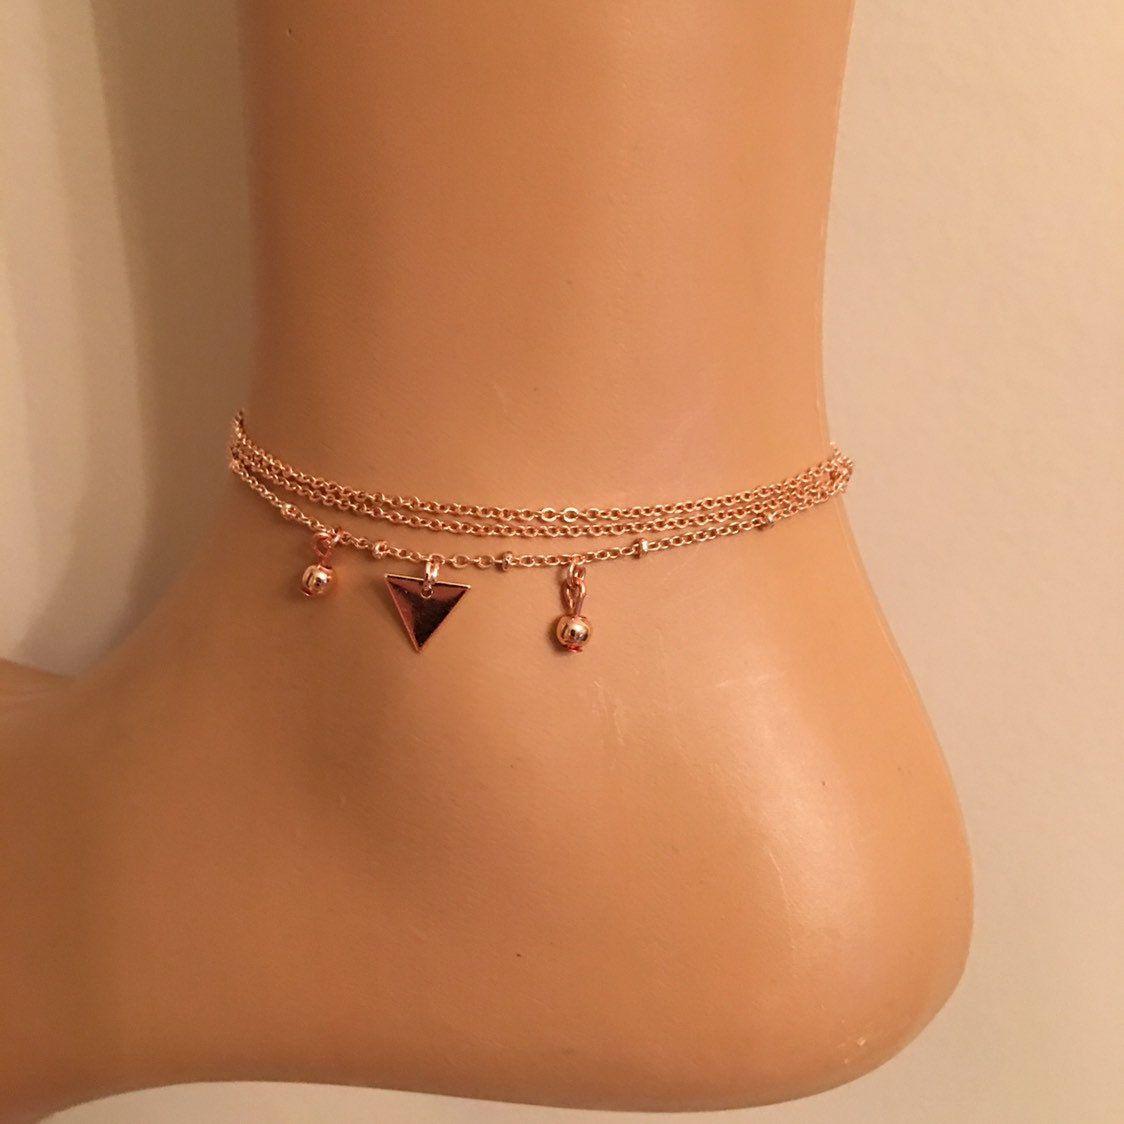 Rose Gold Jewe Multistrand Bracelet Gift for Her Birthday Gifts Best Gift Bracelet Rose Gold Plated Multistrand Evil Eye Charm Bracelet